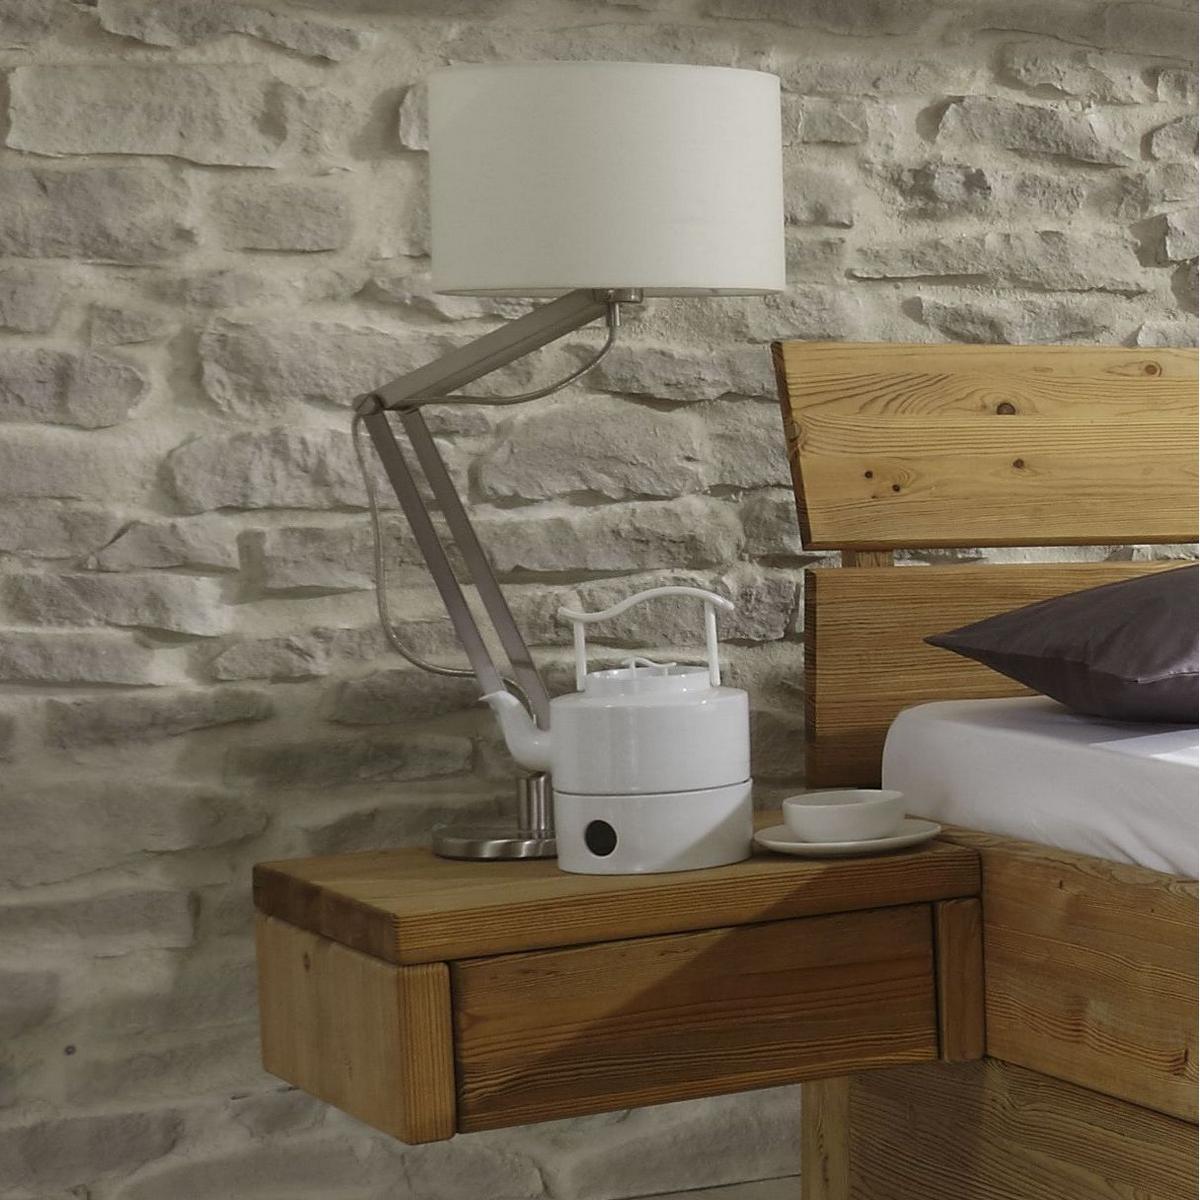 massivholz schubkastenbett 140x200 easy sleep kiefer massiv, Hause deko